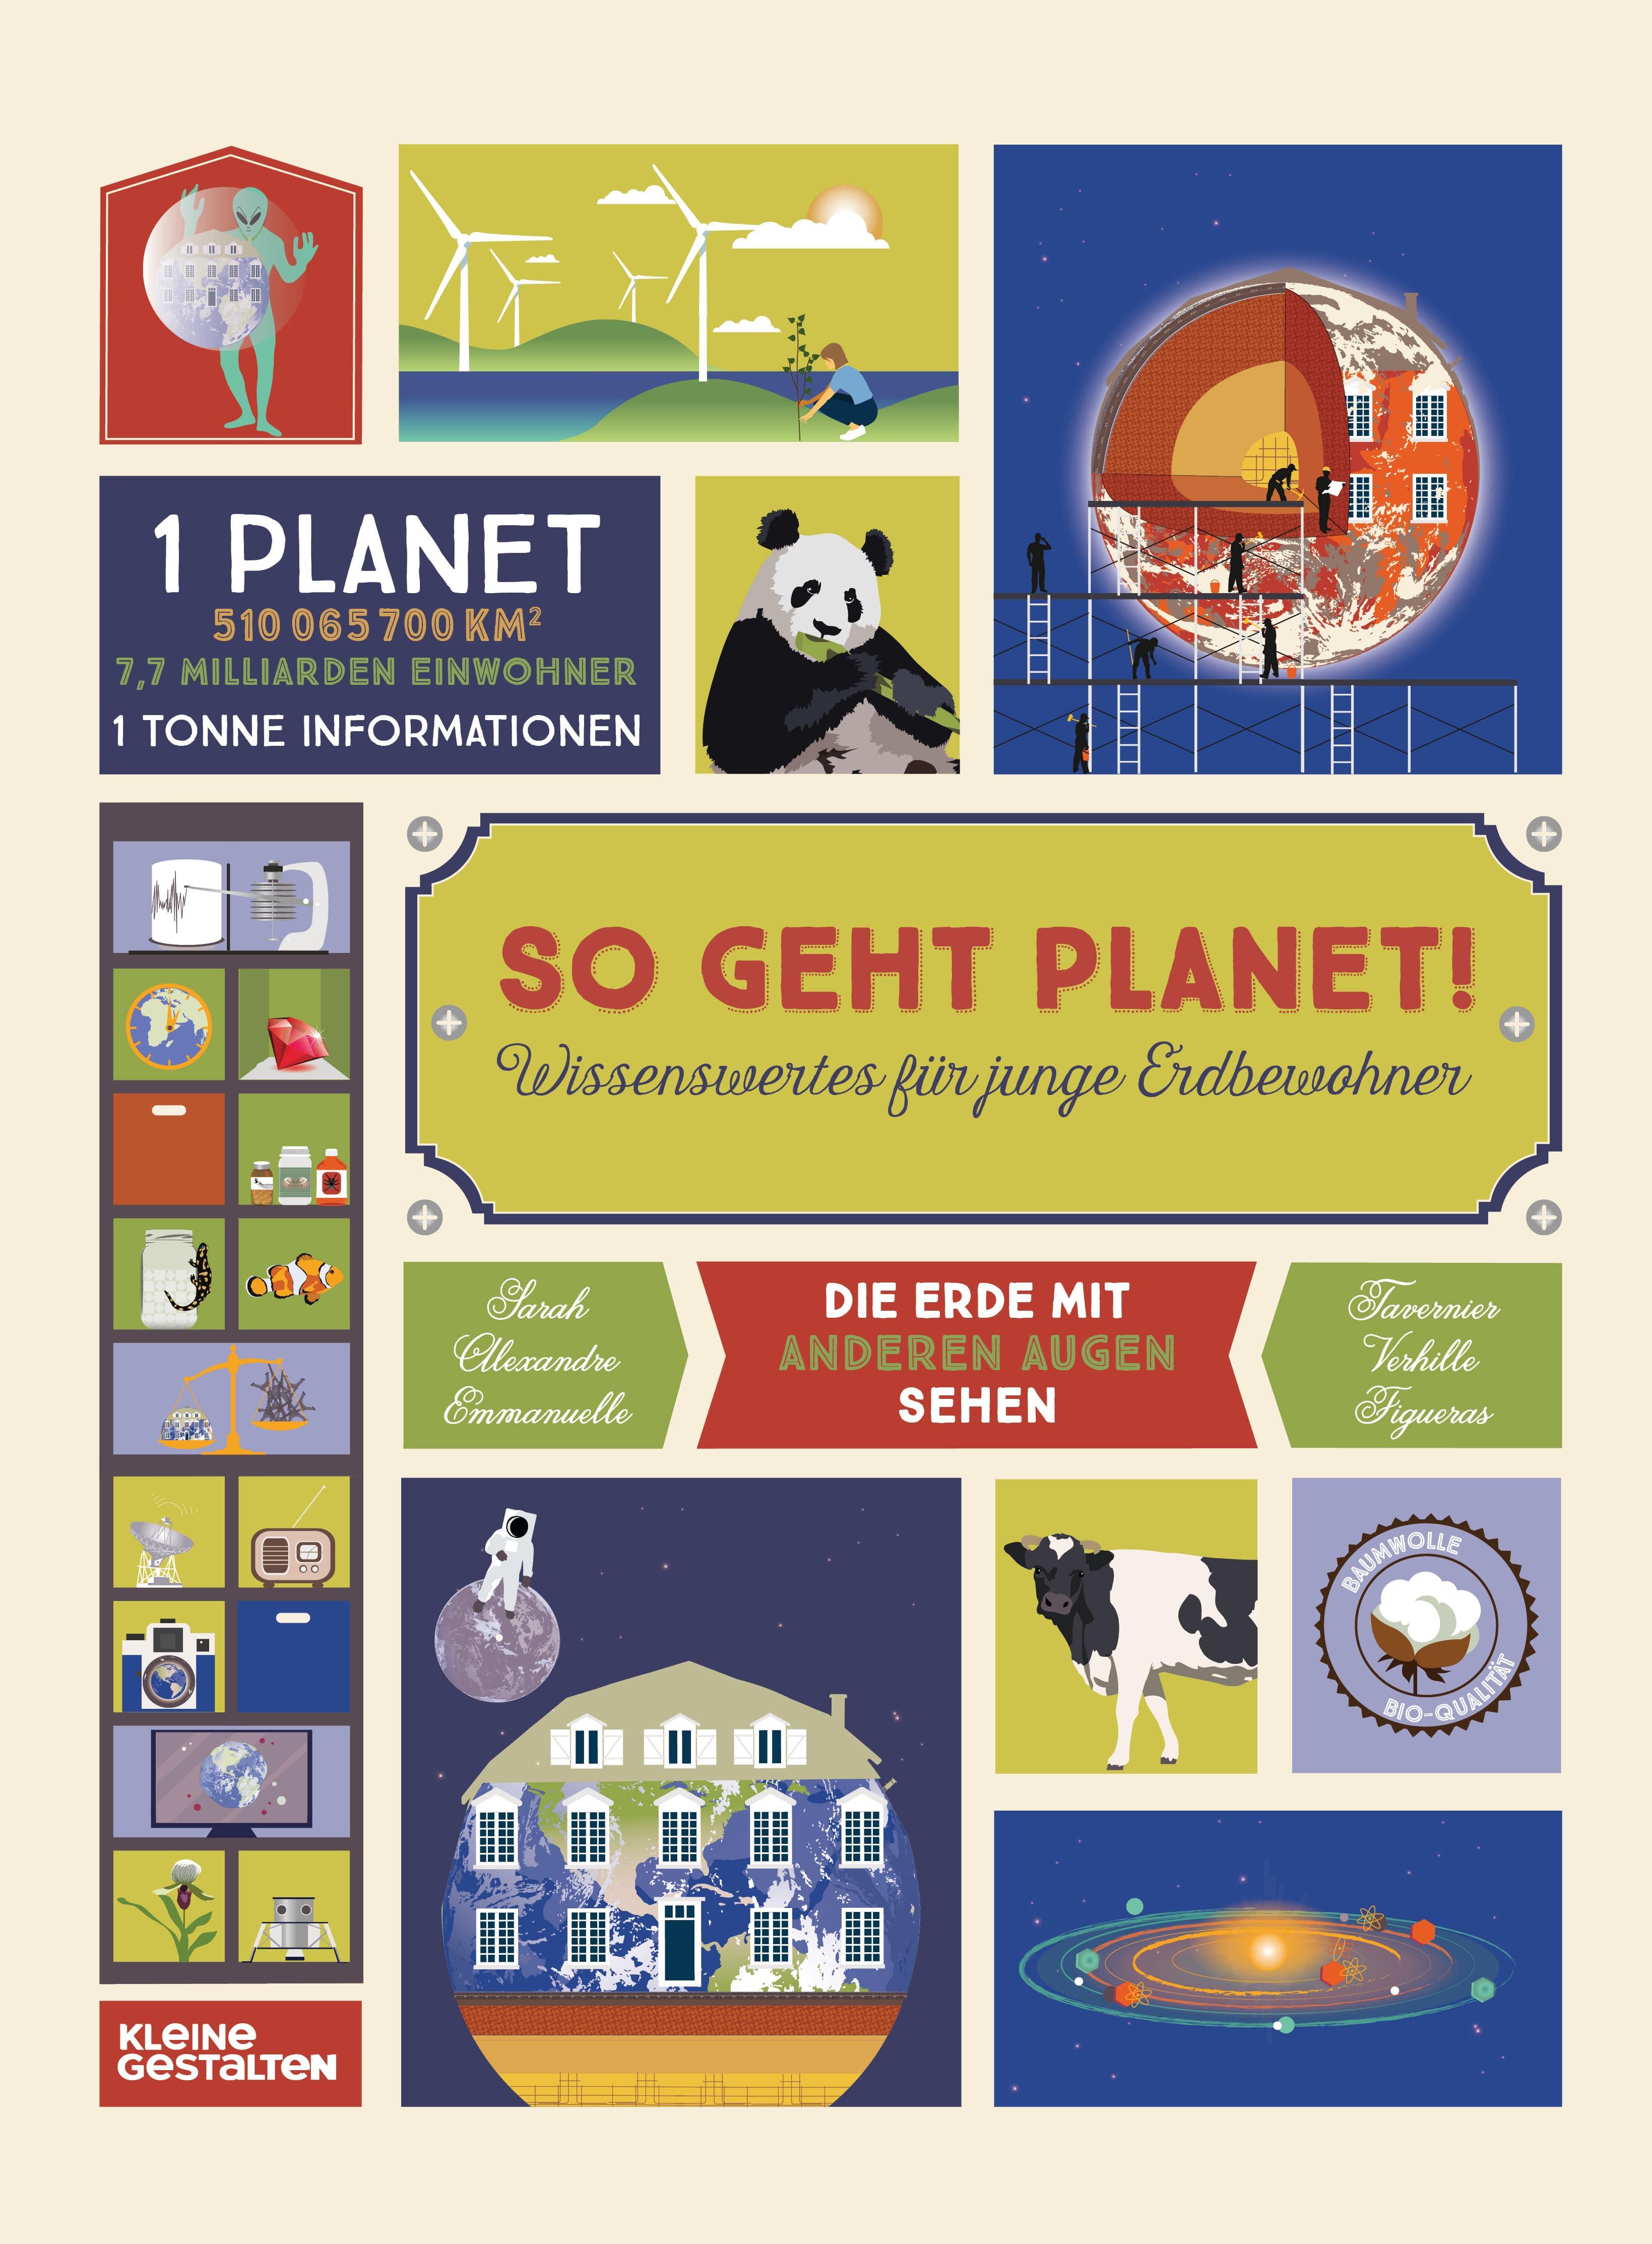 So geht Planet!